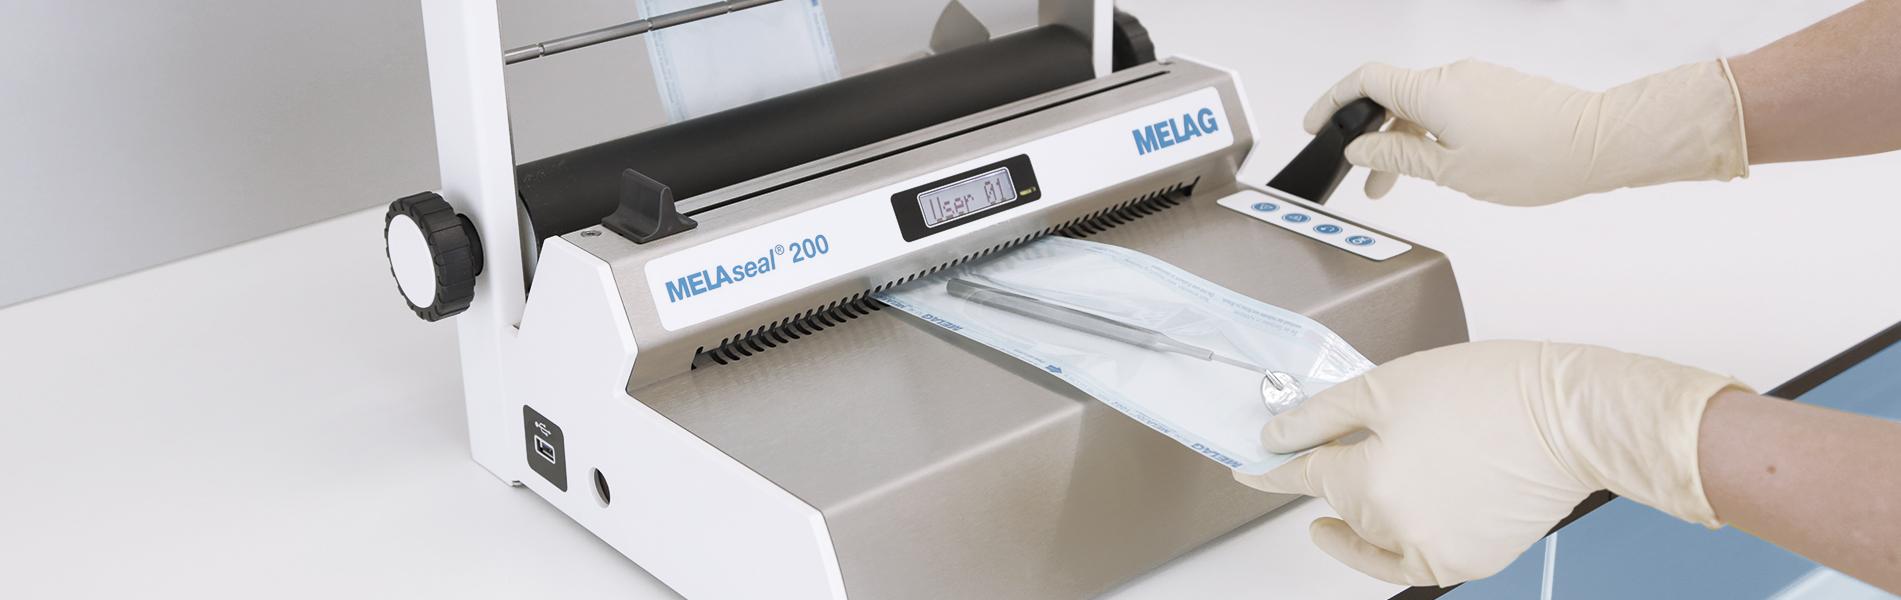 Упаковочная машинка MELAseal 200